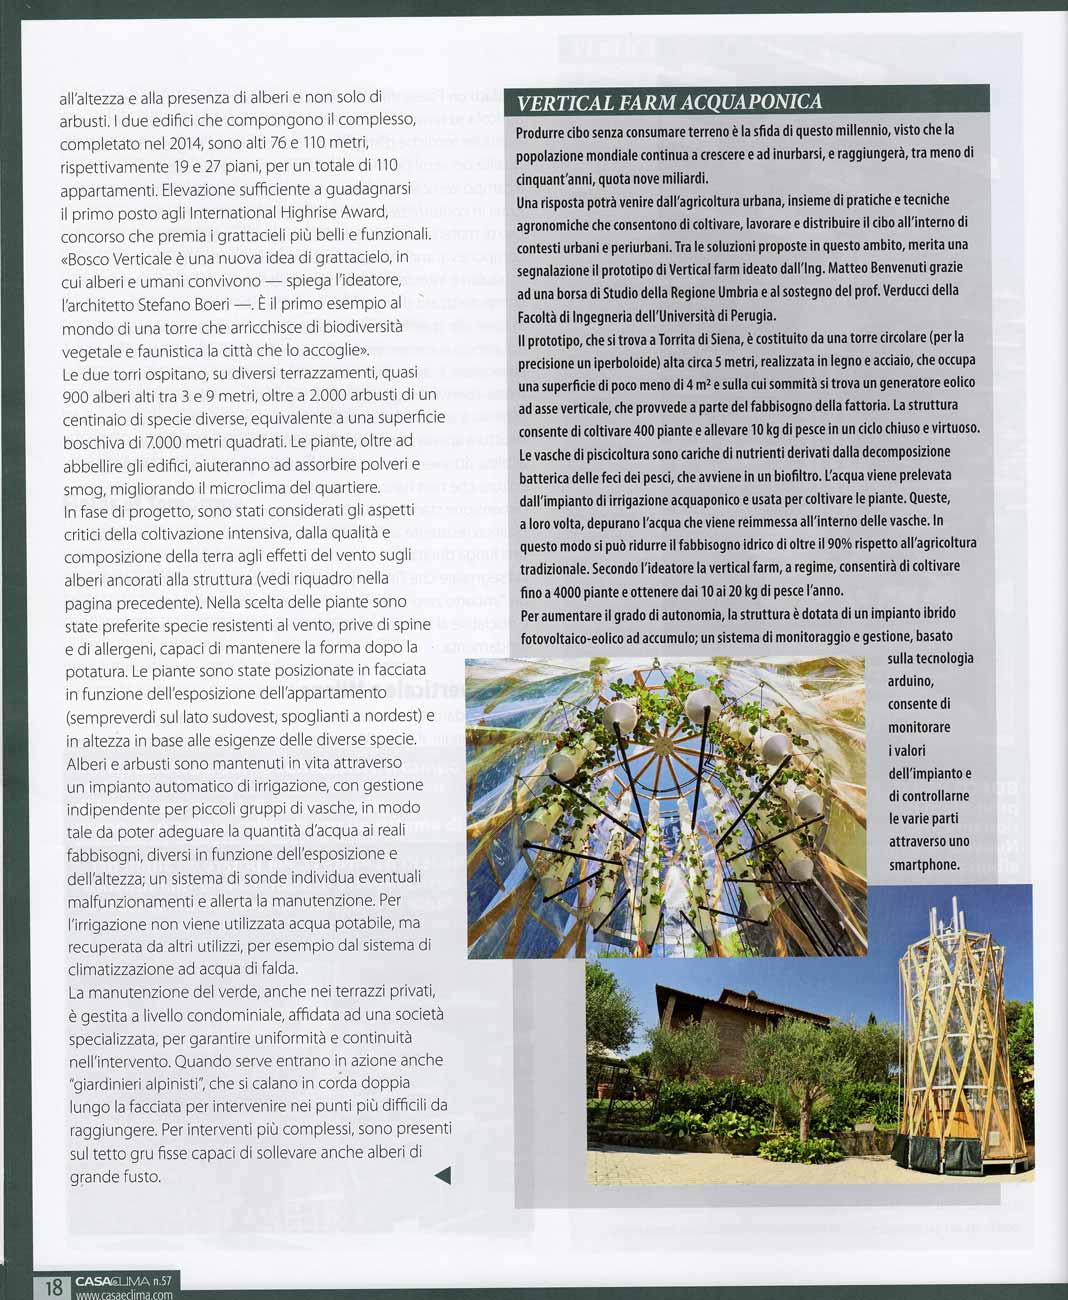 Articolo VFI - Casa e Clima, 2015 - pagina 6